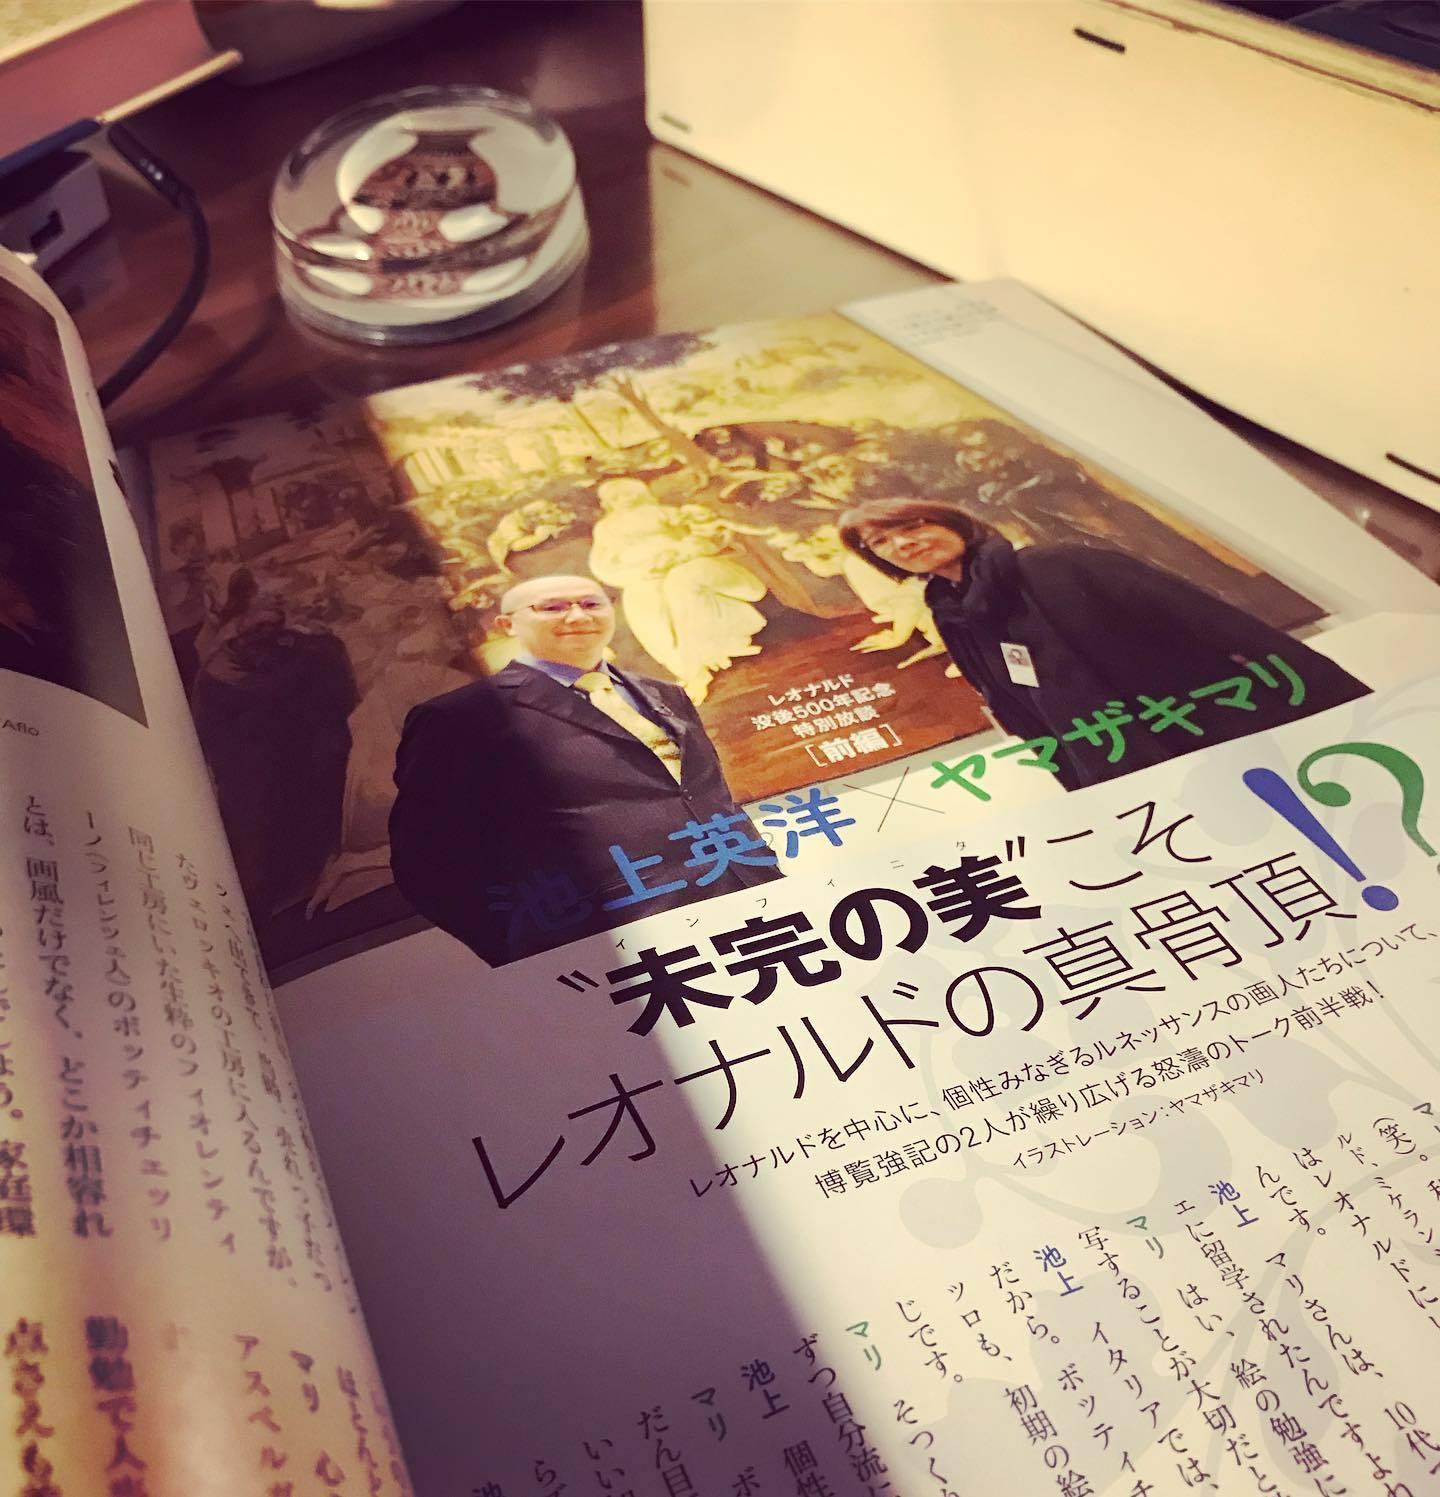 レオナルド没後500年記念 特別放談_a0087957_07402555.jpg